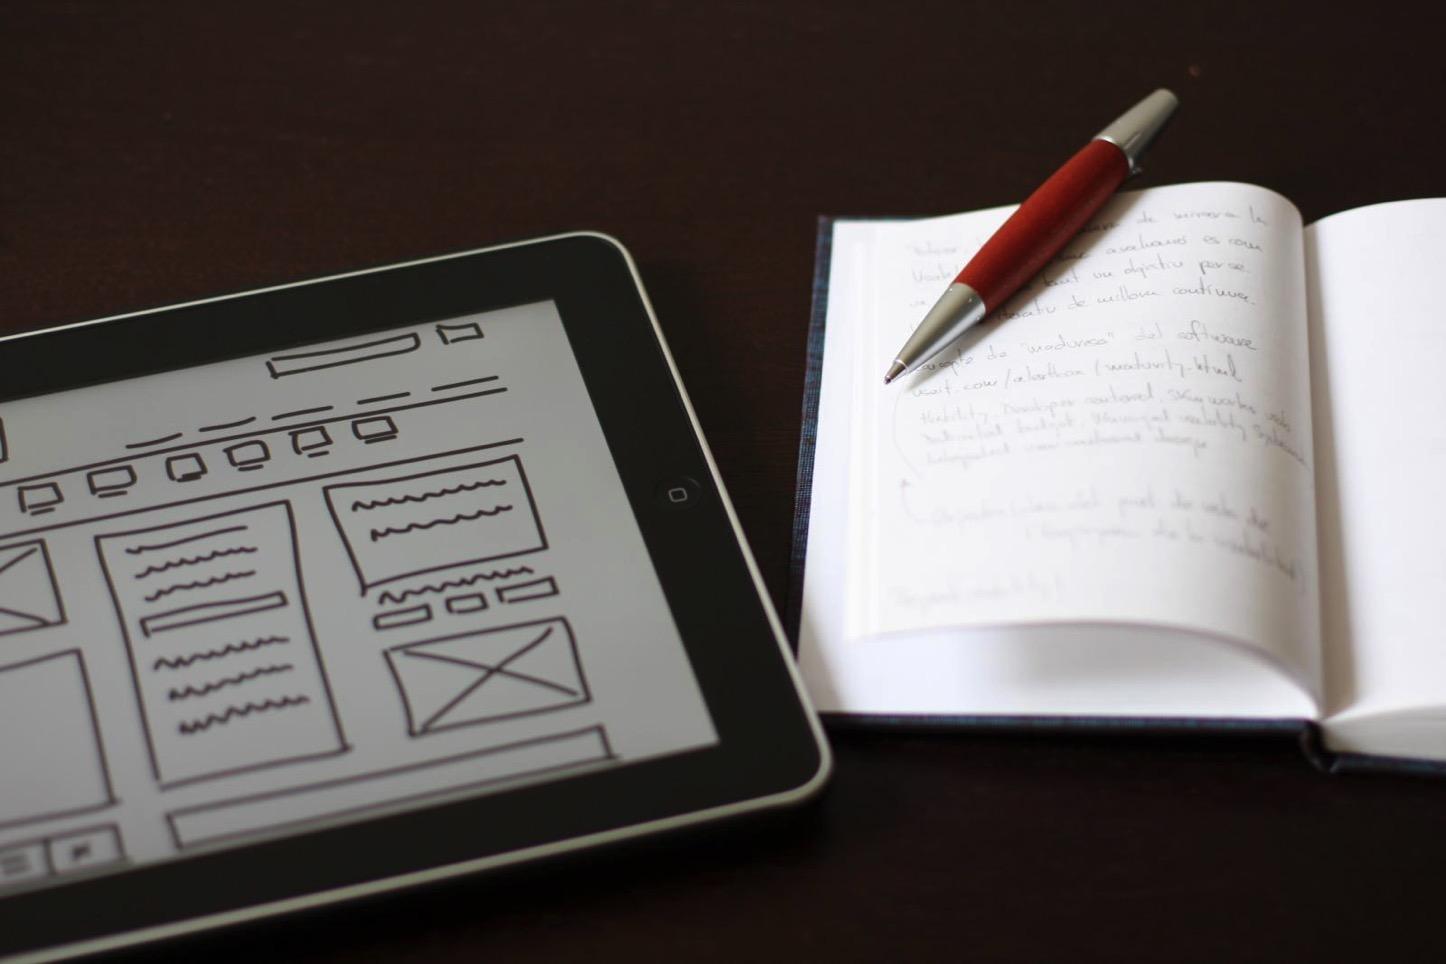 ipad-work.jpg